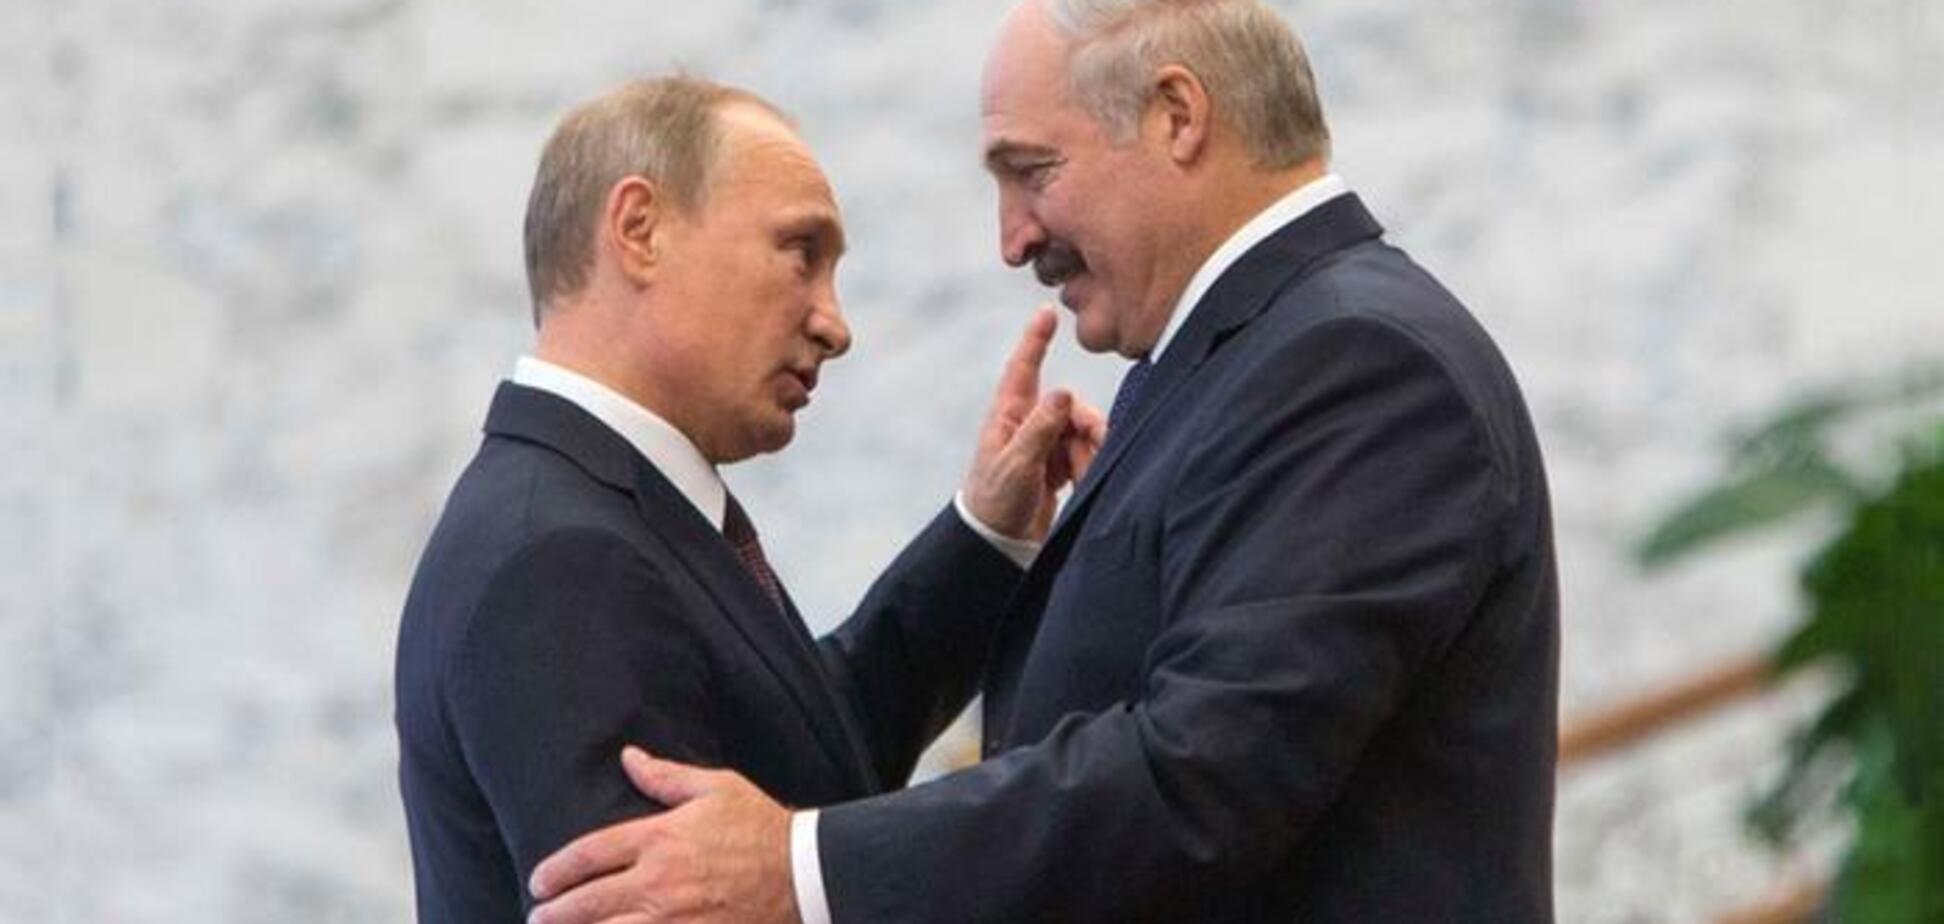 Лукашенко віддасть Путіну Білорусь: озвучено дату договору